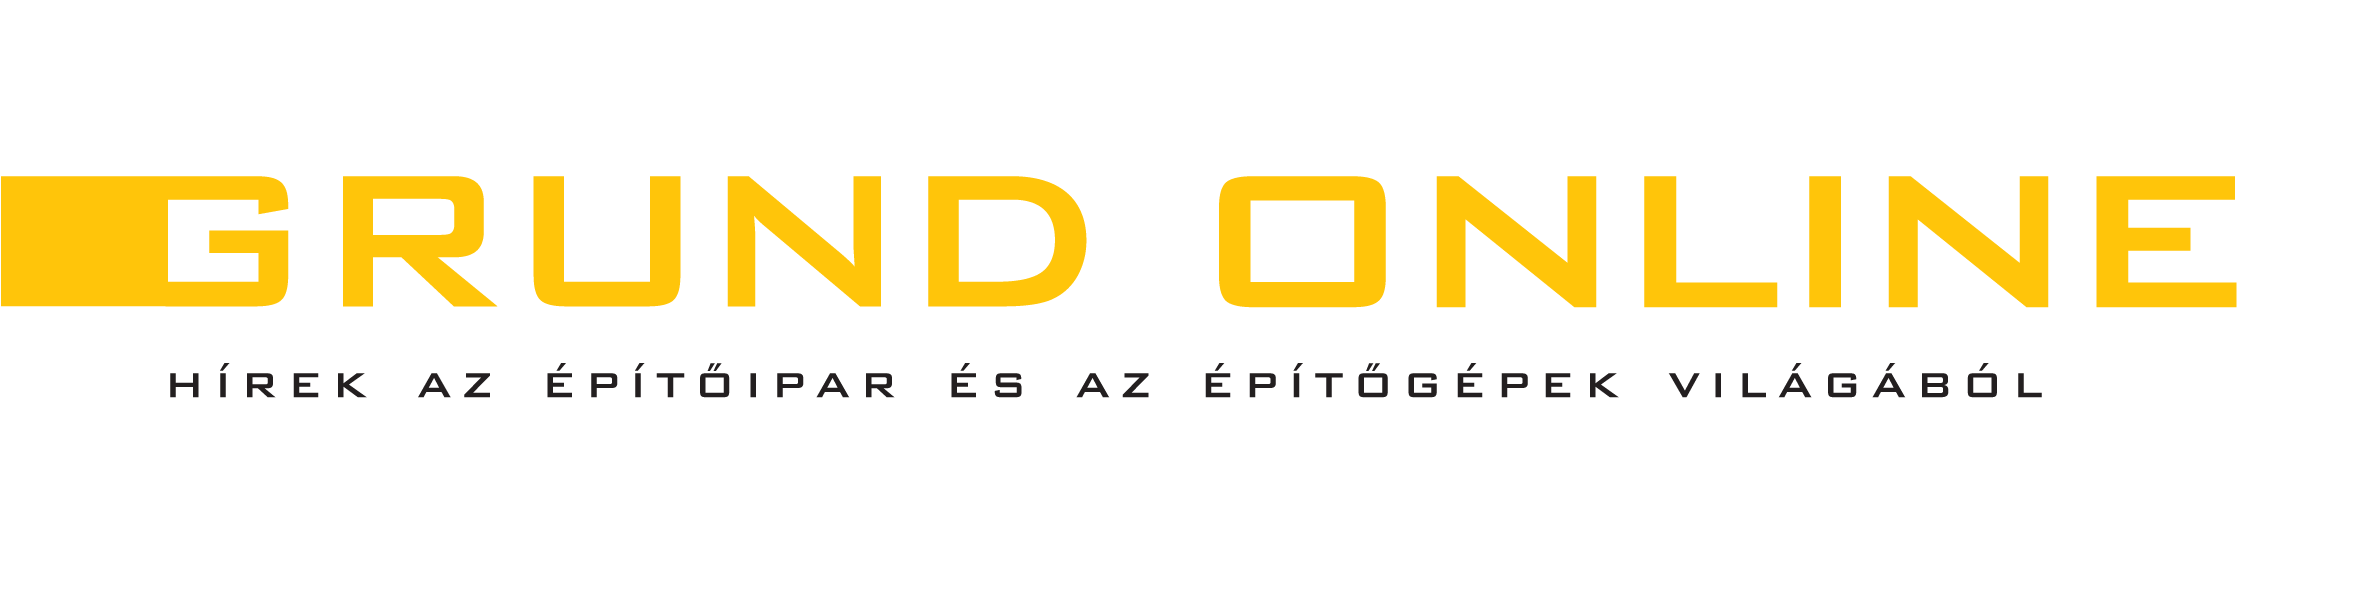 Grund Online